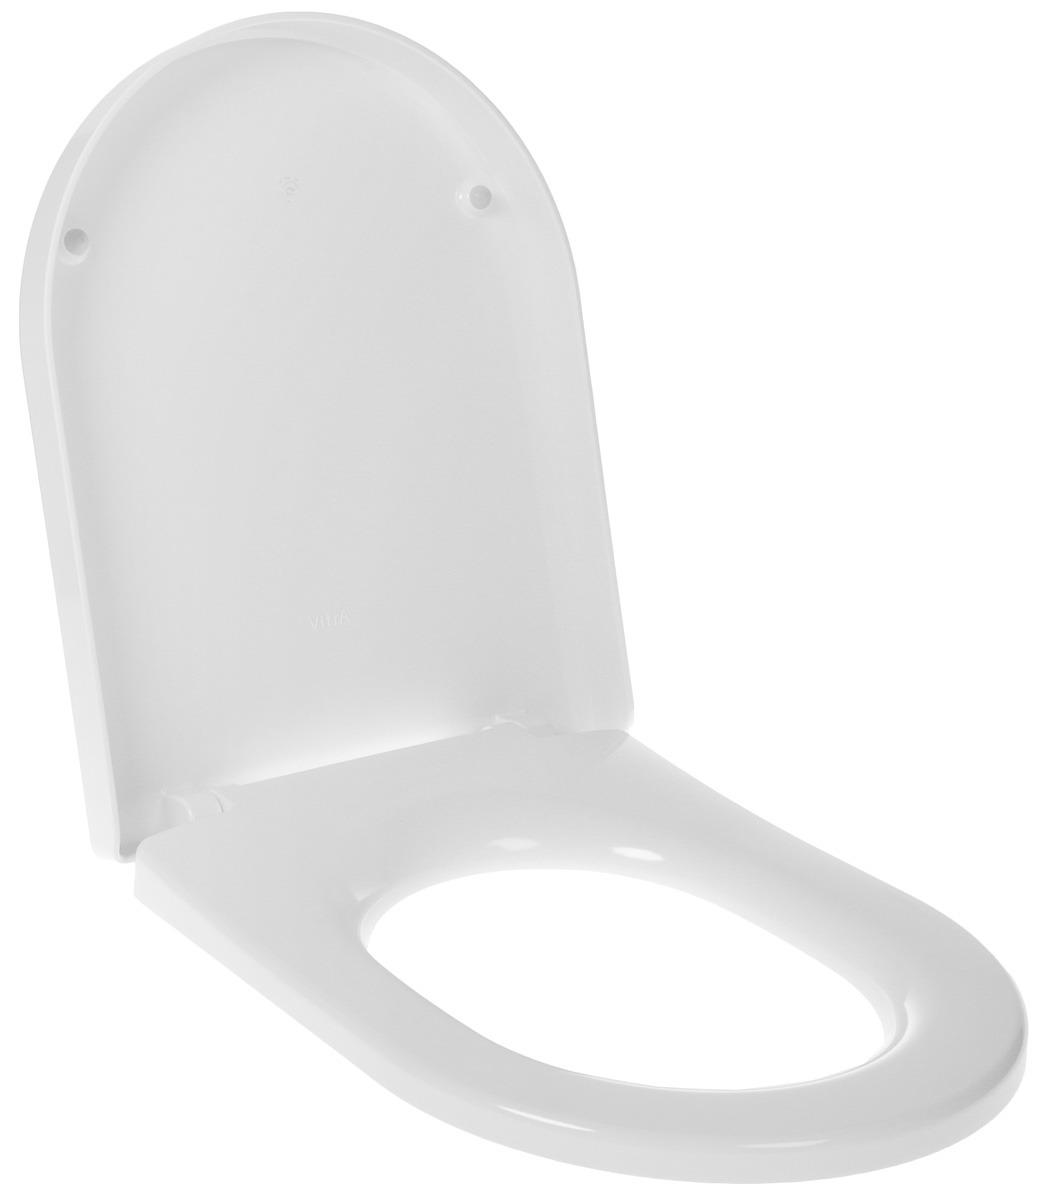 Сиденье для унитаза Vitra, универсальное, микролифт (прямое), 801-003-009, белый сиденье iddis универсальное дюропласт микролифт и легкий съем 001dpsei31